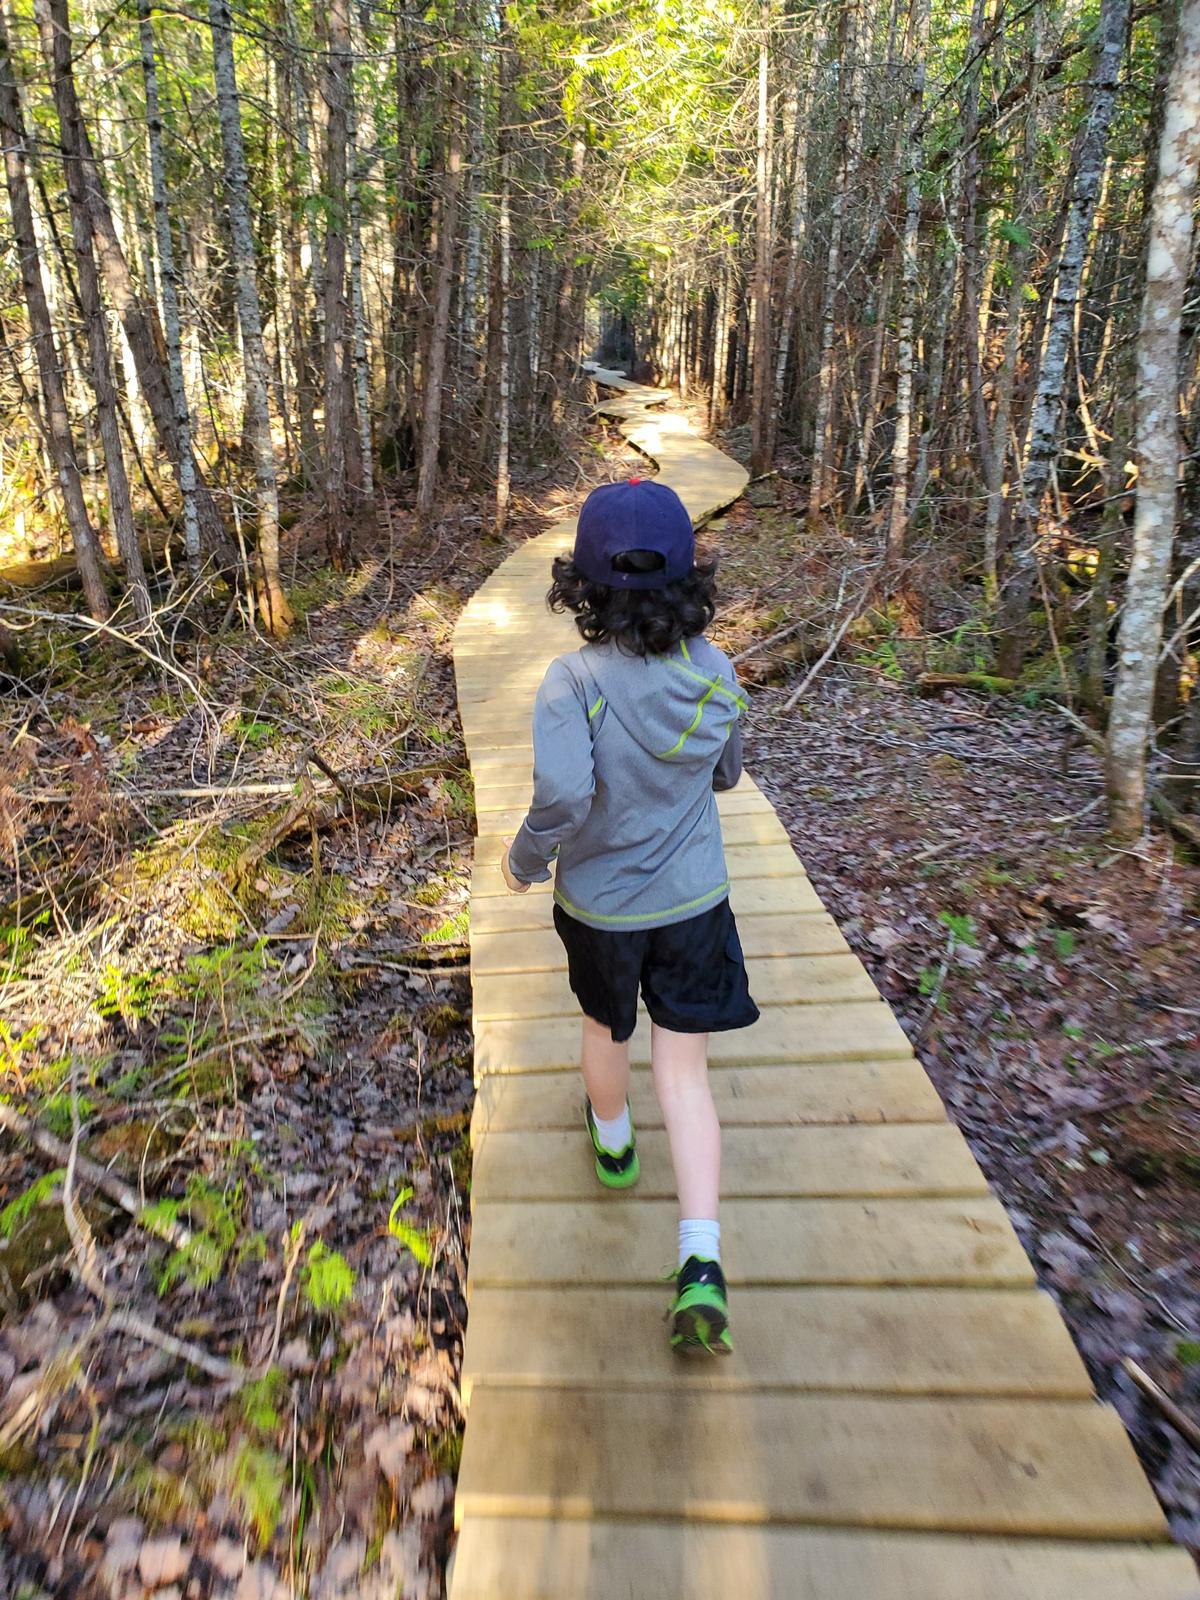 Checking out WFLT's Half Witt Trail boardwalk. Photo credit: Brendan Schauffler